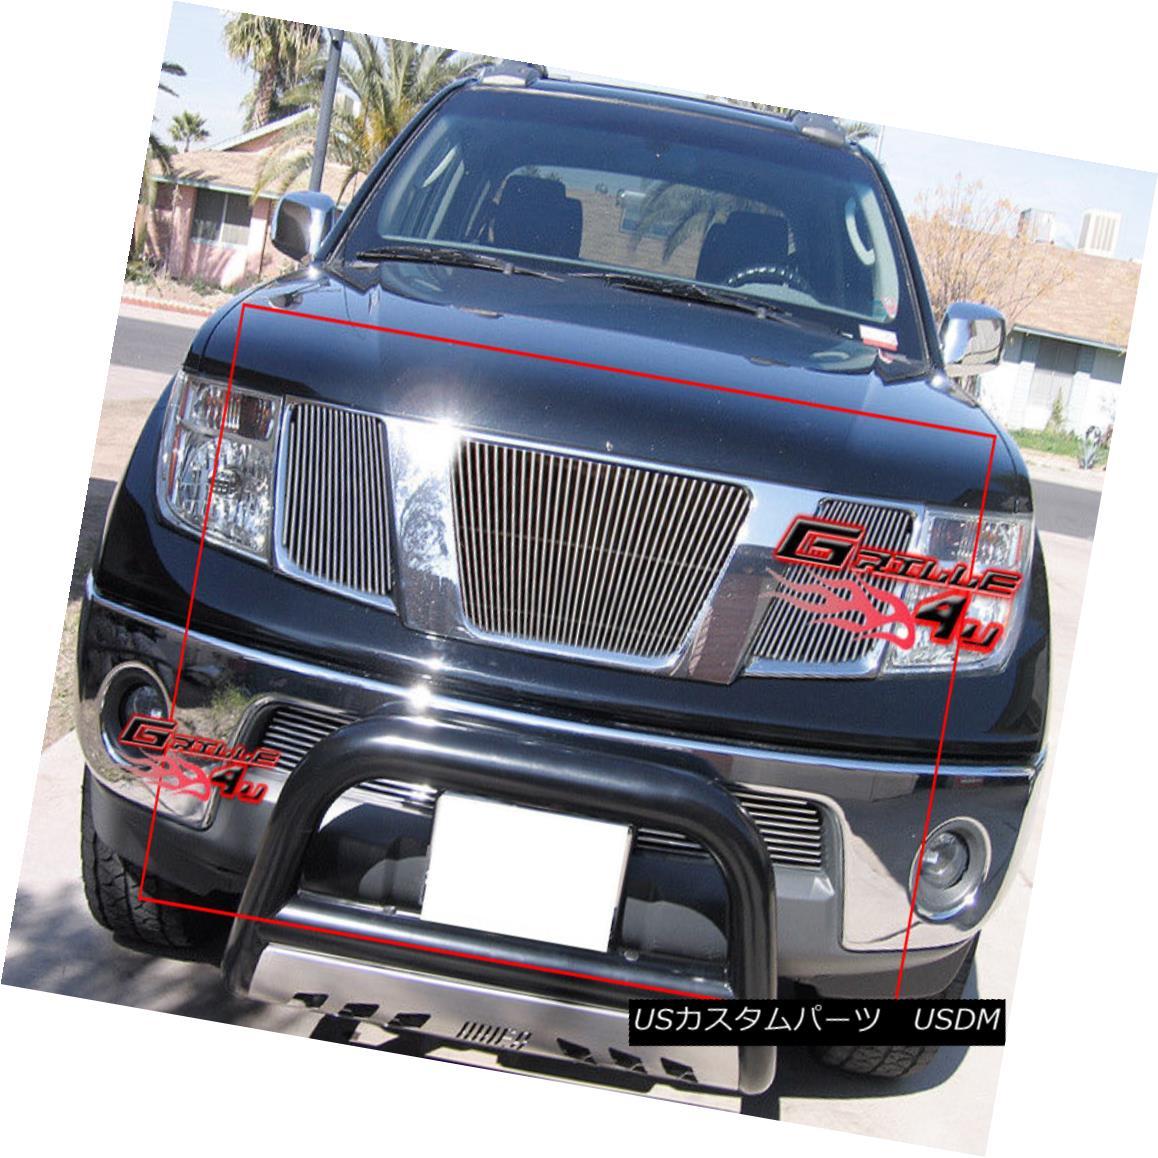 グリル For 05-07 Nissan Pathfinder/Frontier Billet Grille Combo 05-07日産パスファインダー/ For ntier Billet Grille Combo